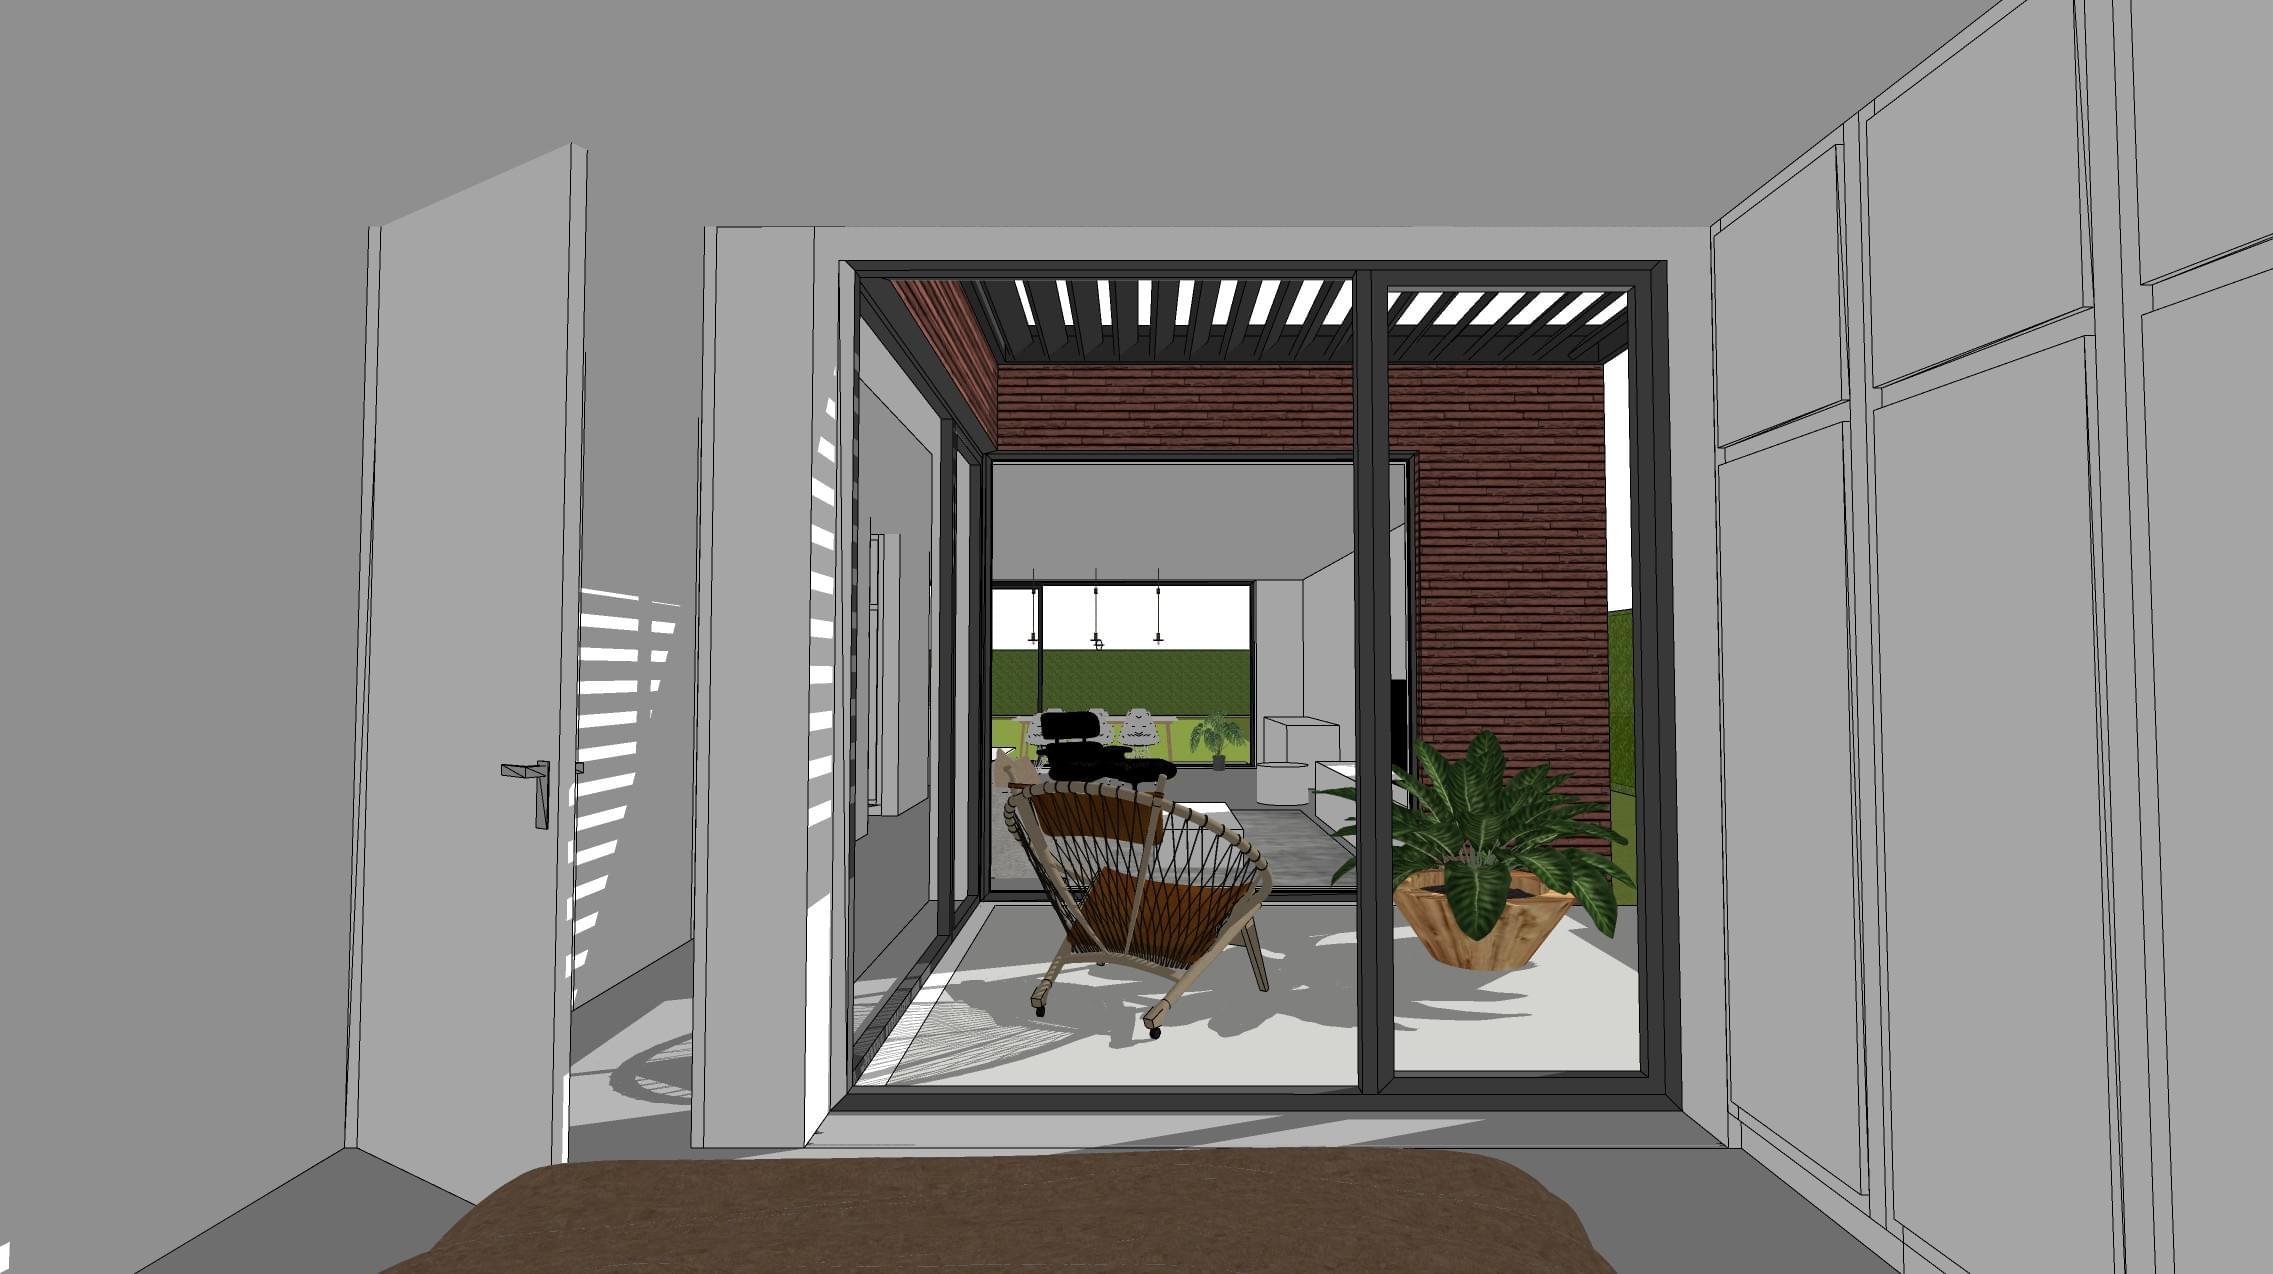 patio uit slaapkamer 2